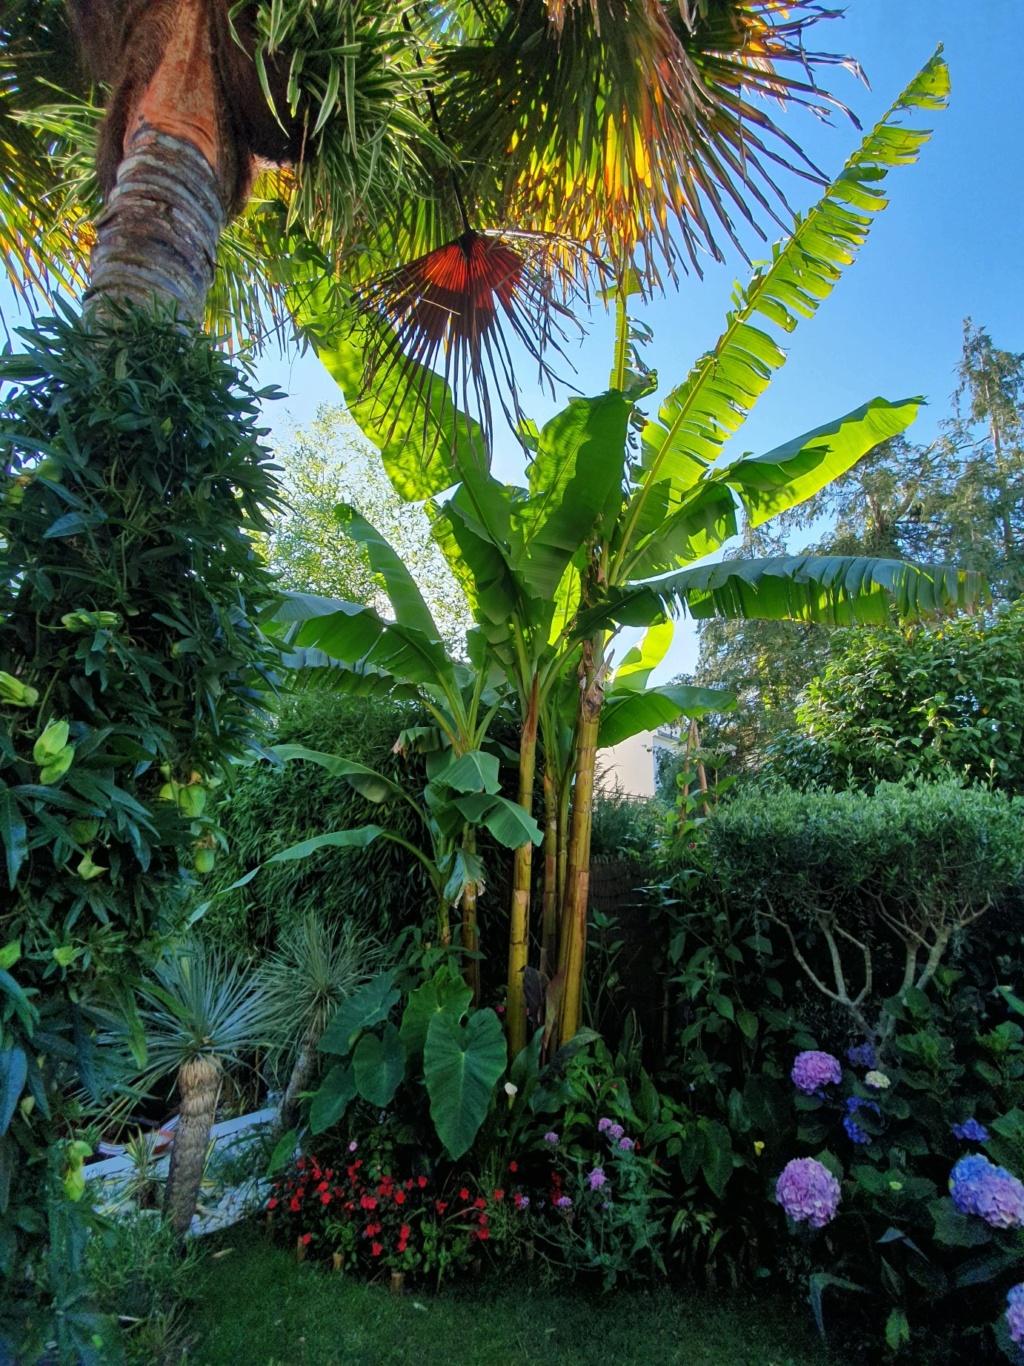 Rémi - Mon (tout) petit jardin en mode tropical - Page 14 20190812